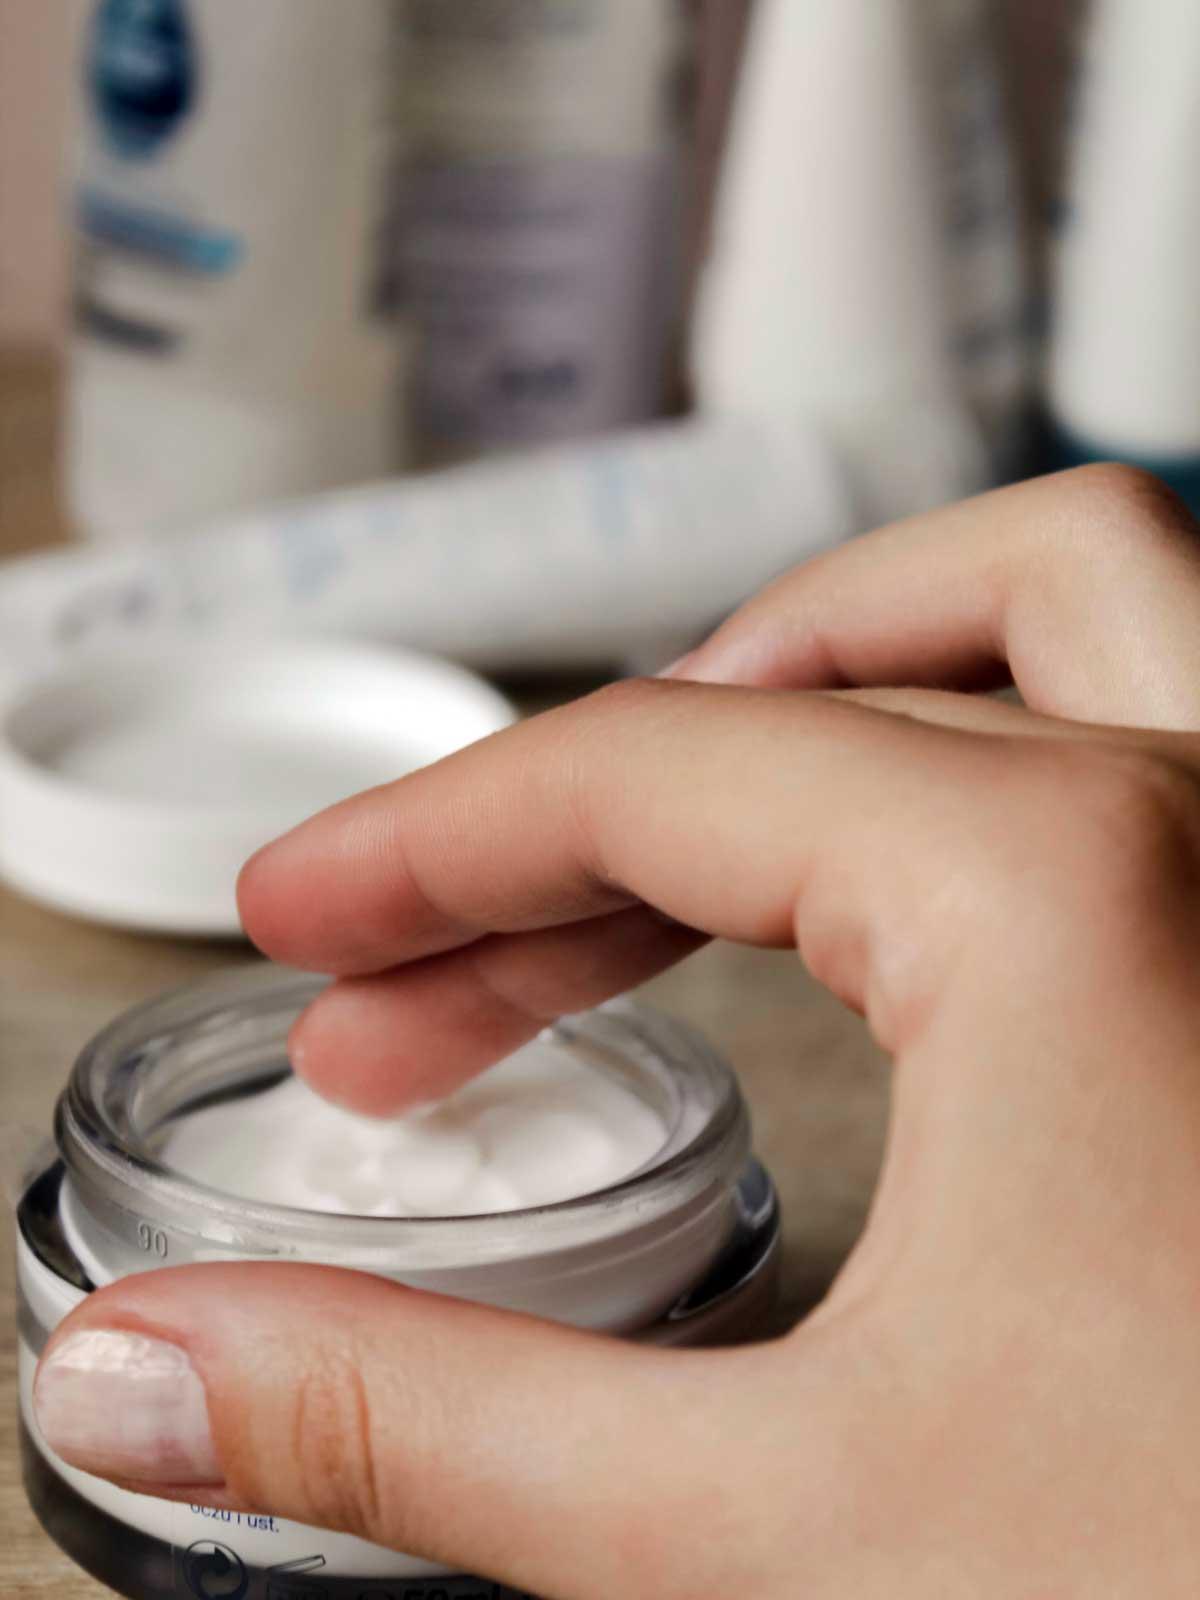 Ansigtscreme i glaskrukke